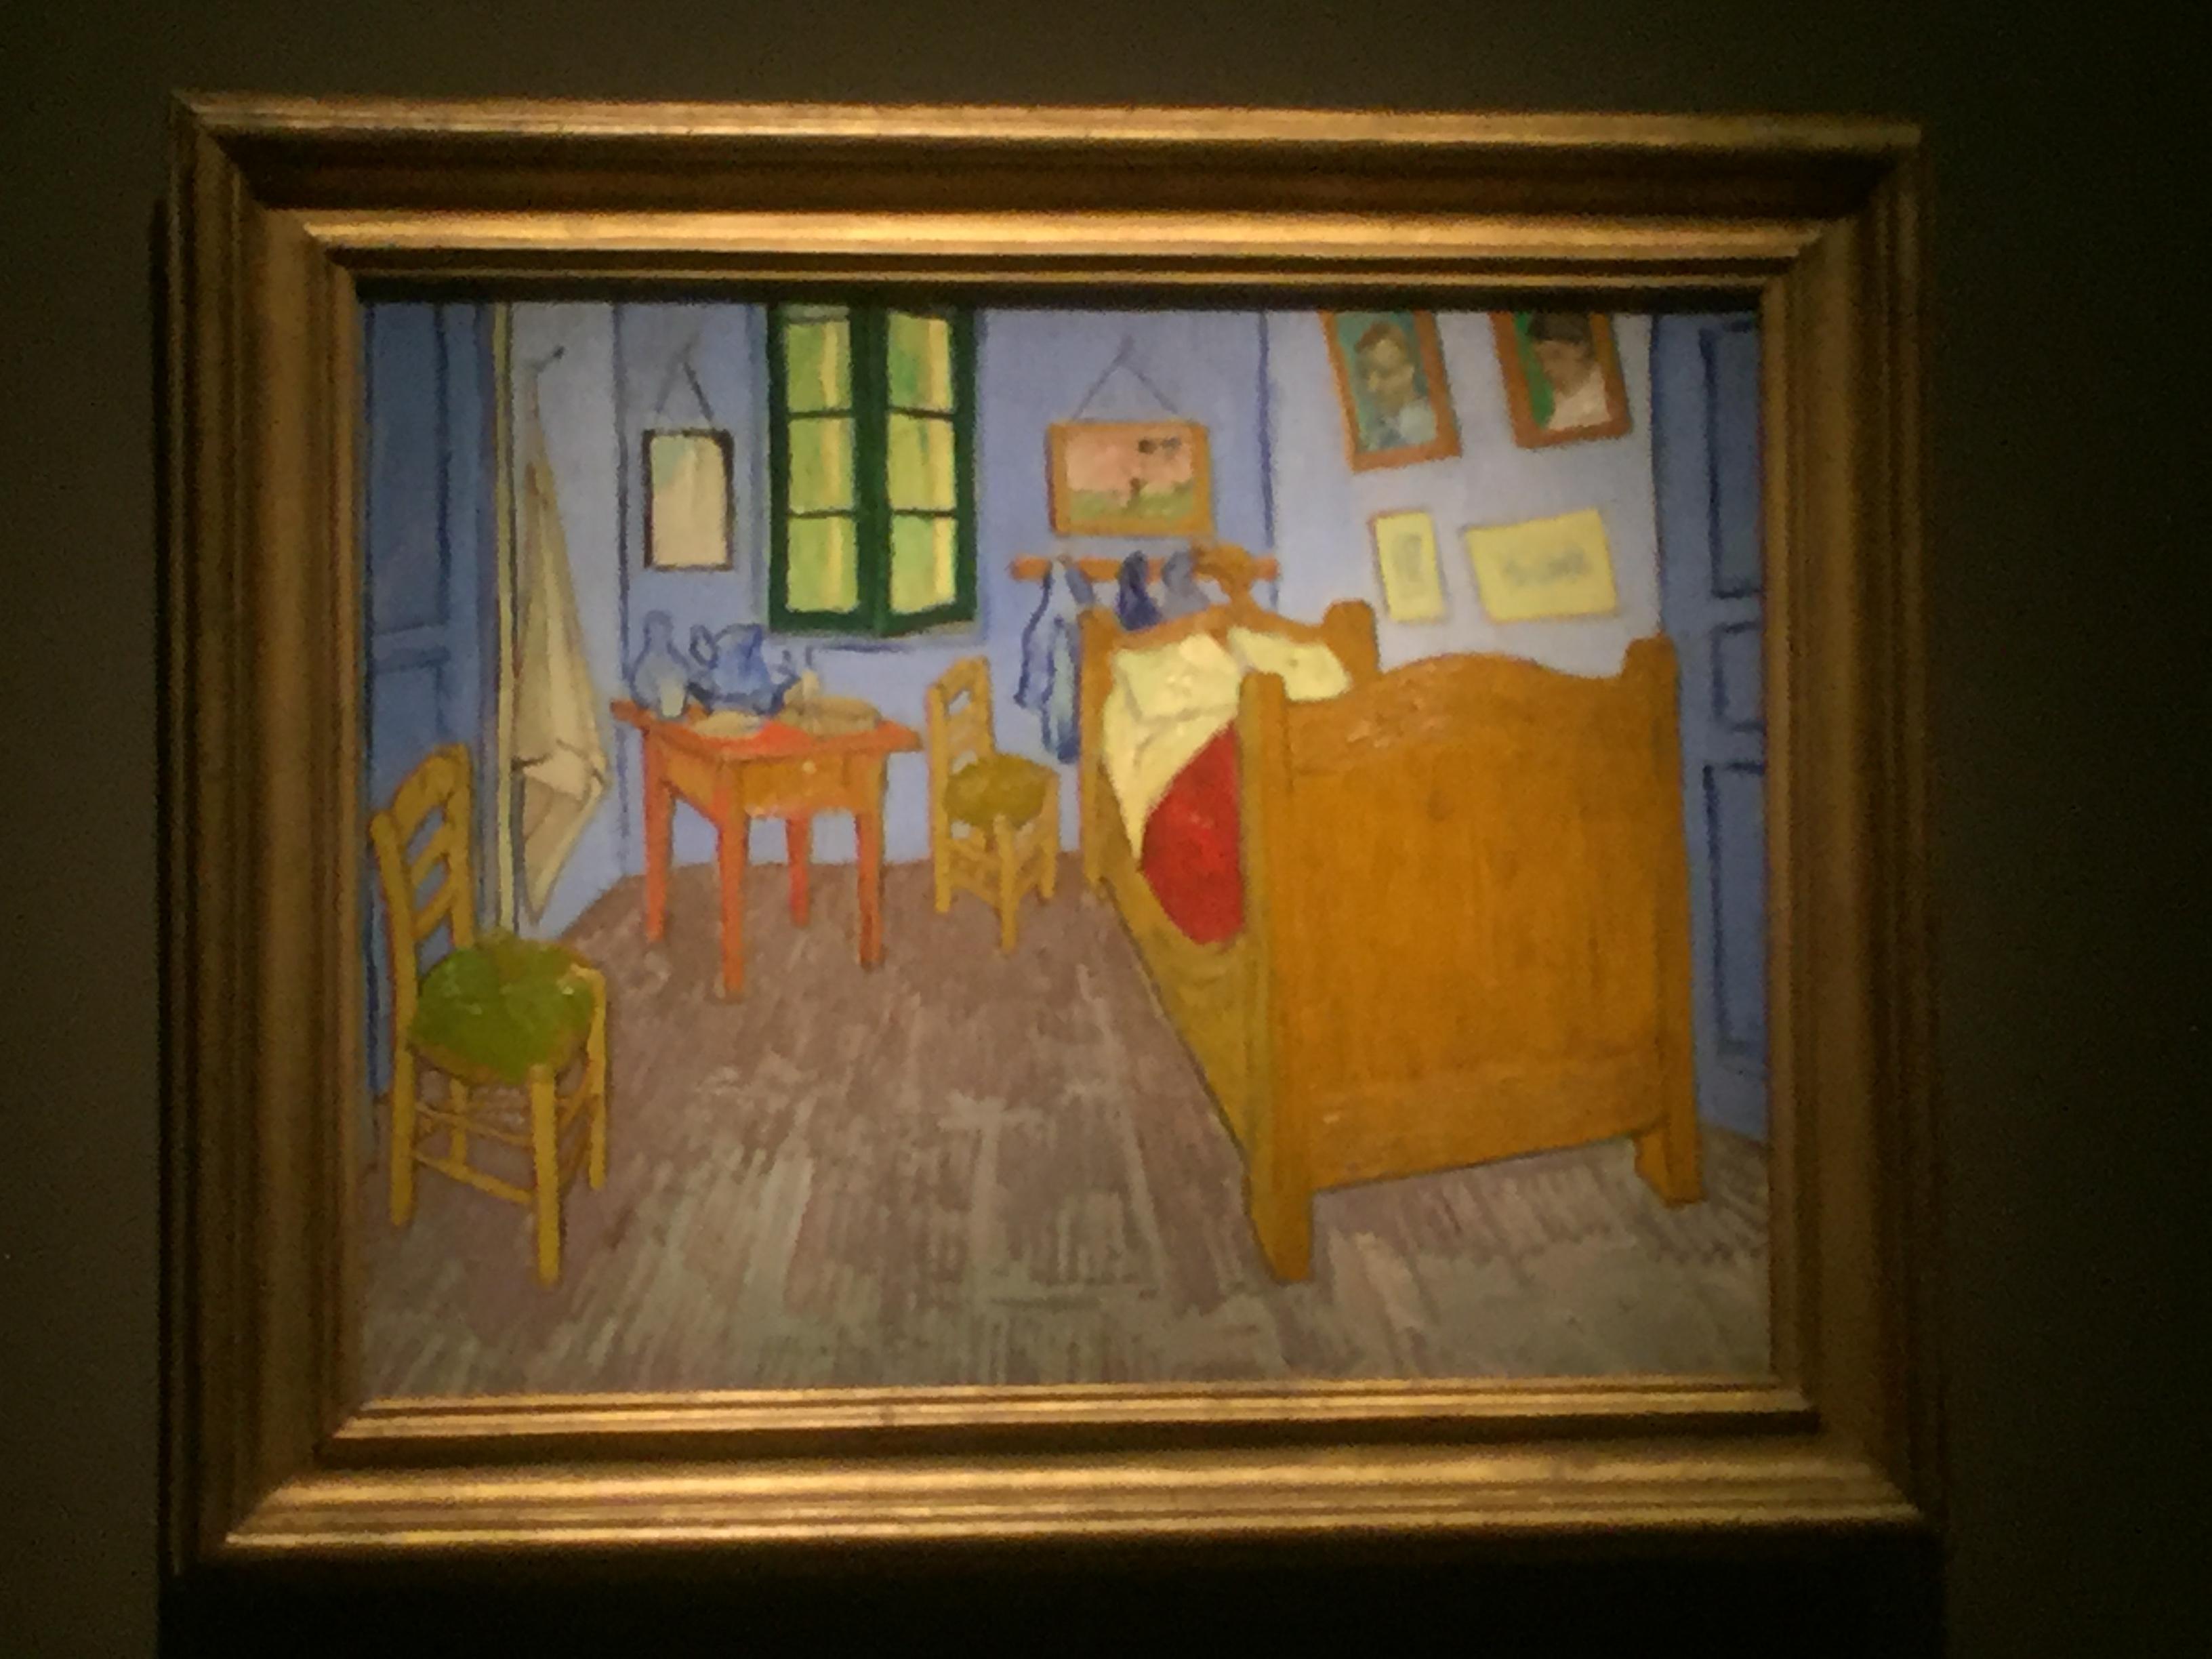 Visiting van Gogh's Bedrooms - TheRoadScholar